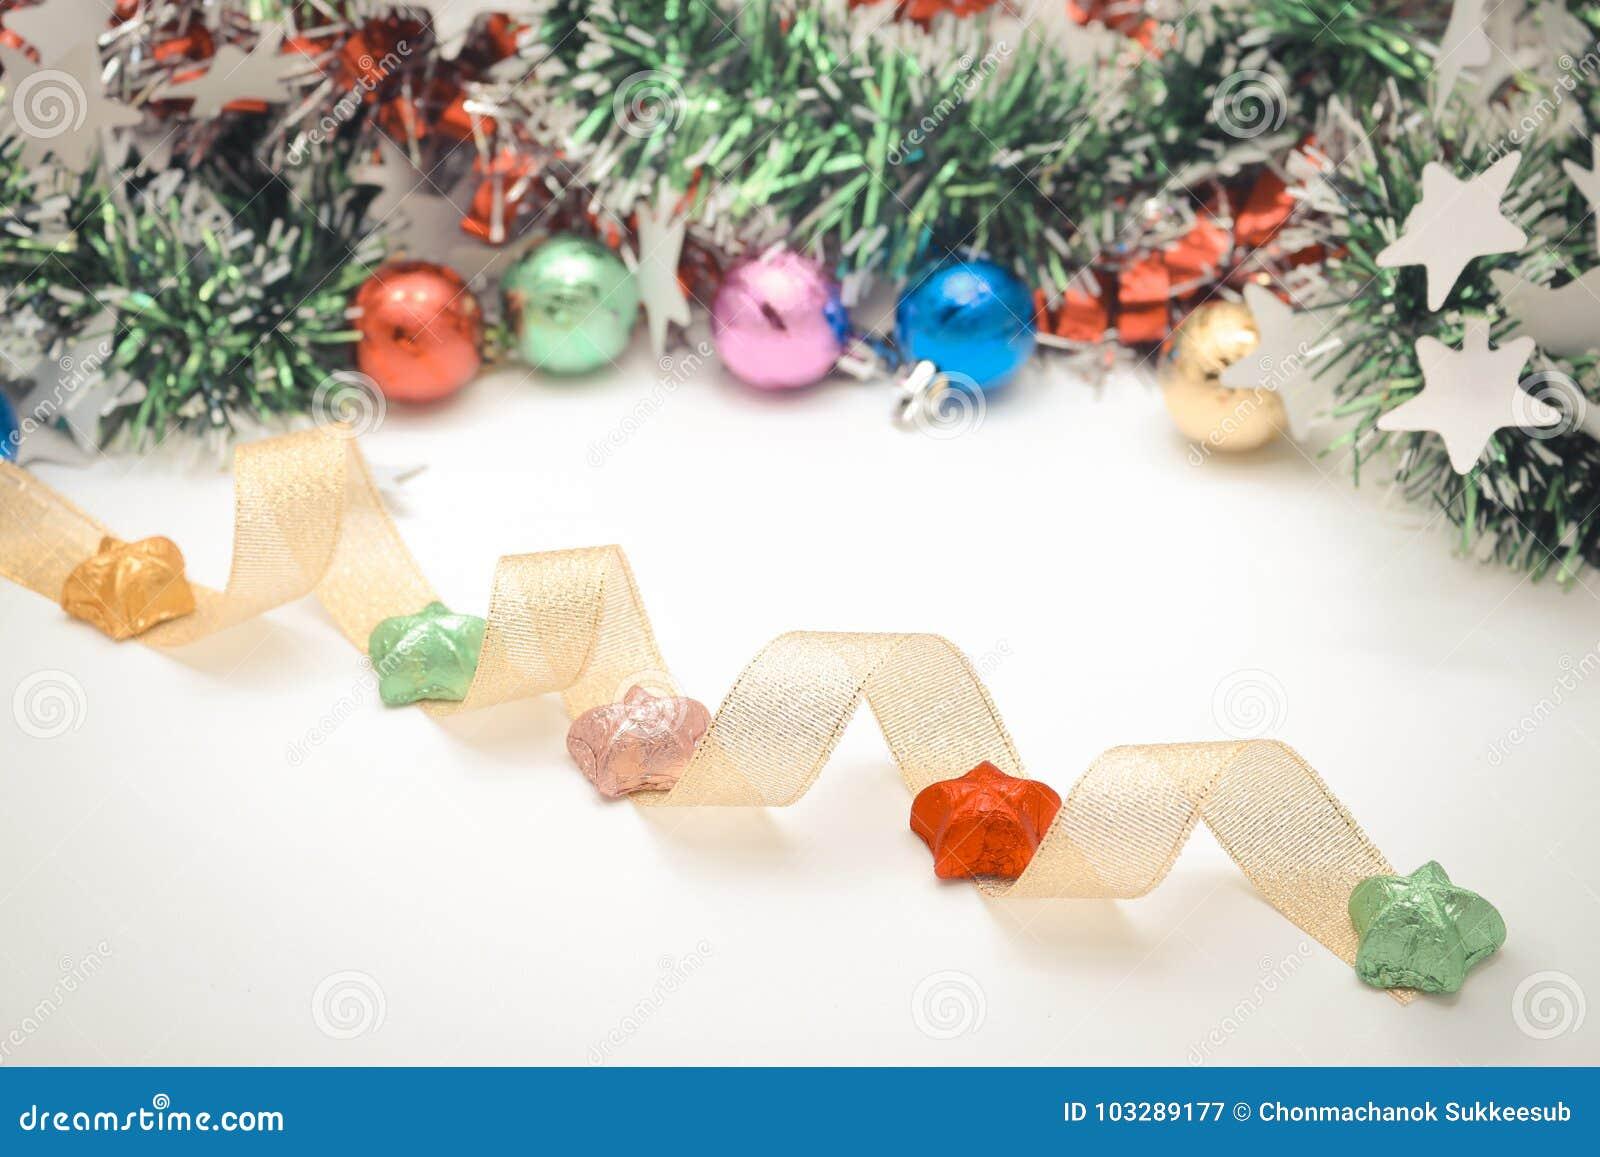 Adorne de la Navidad o Año Nuevo o aniversario, etc Estilo dulce y suave del tono en tono del vintage